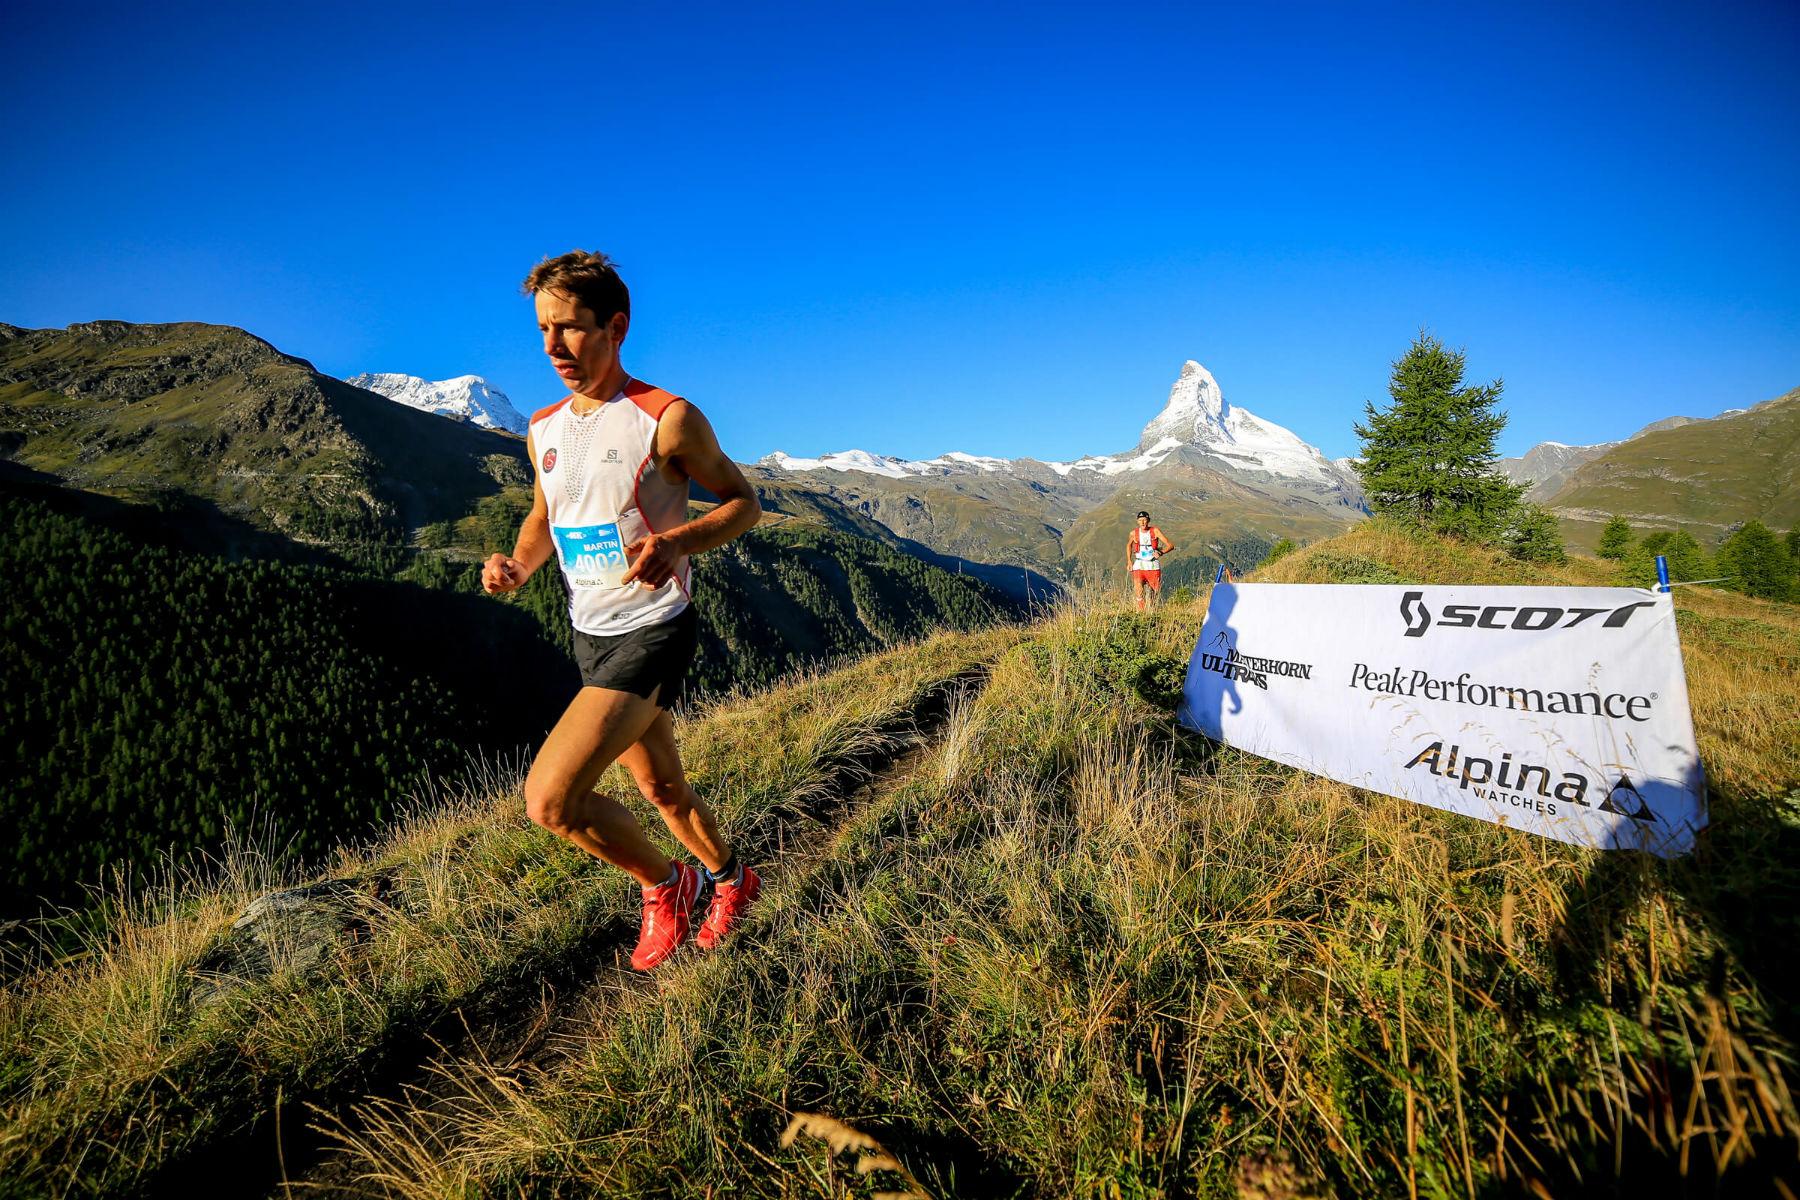 Alpina sube a la cima en carreras de montaña